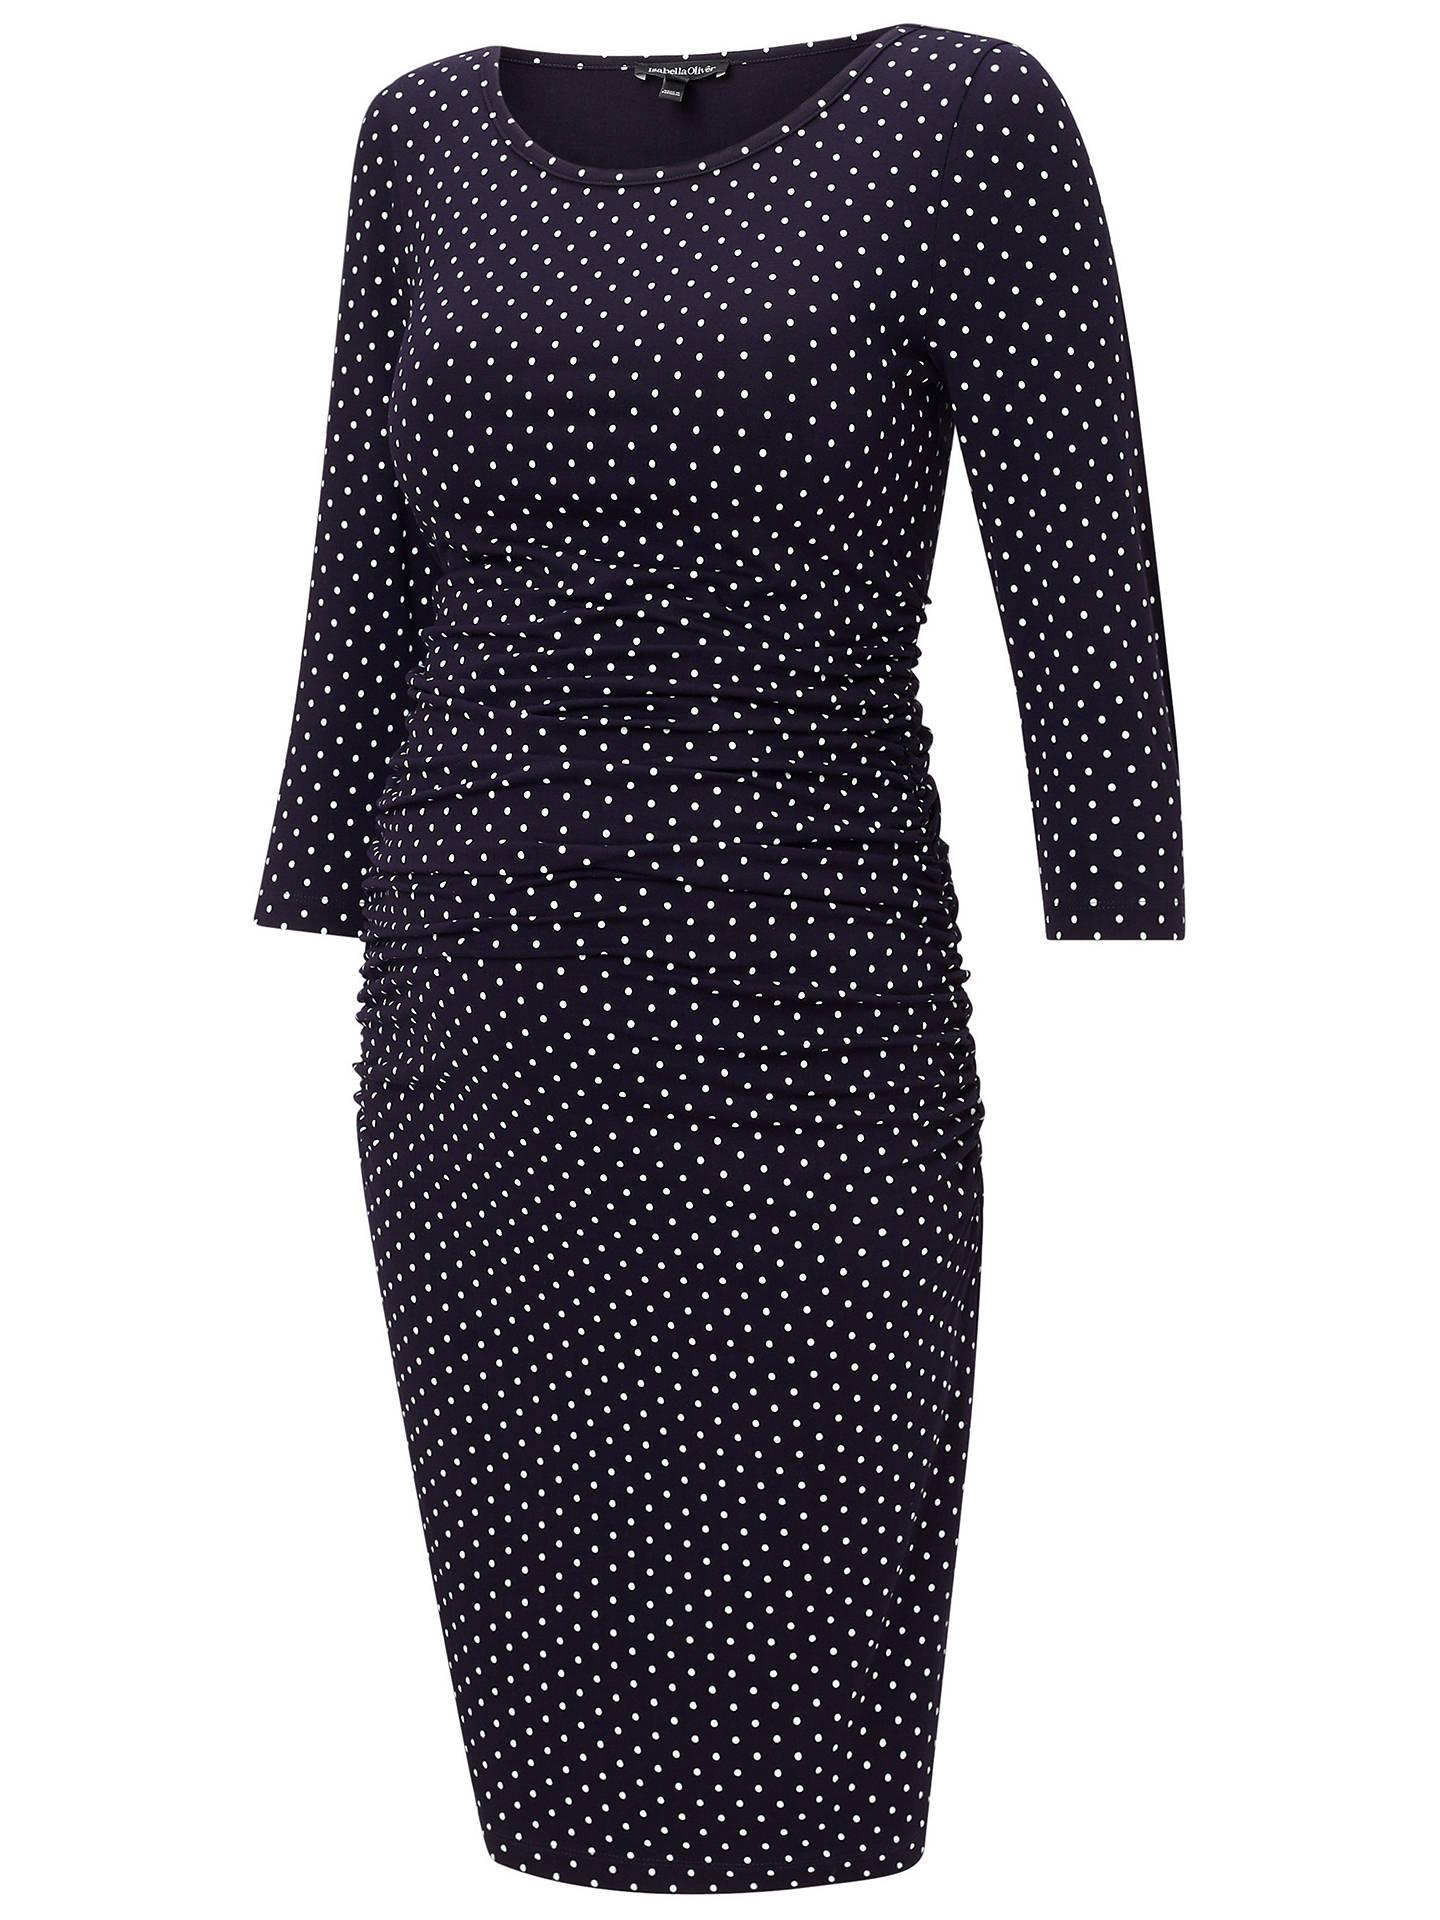 360a5e721fd16 Buy Isabella Oliver Jennifer Maternity Dress, Navy, 8 Online at  johnlewis.com